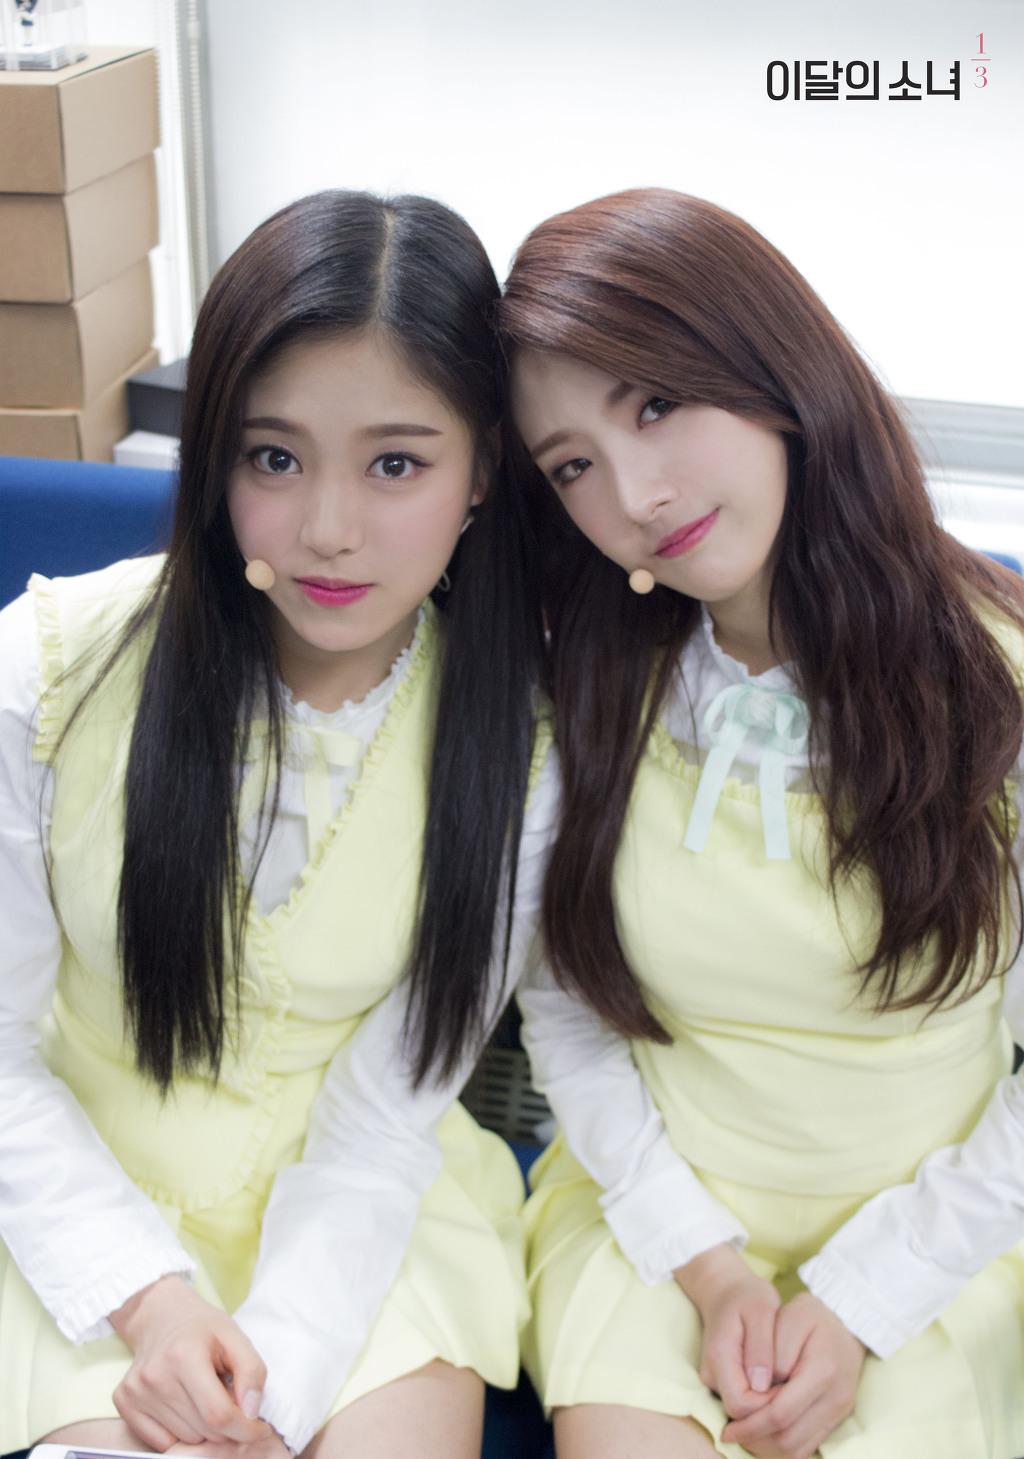 HyunSeul